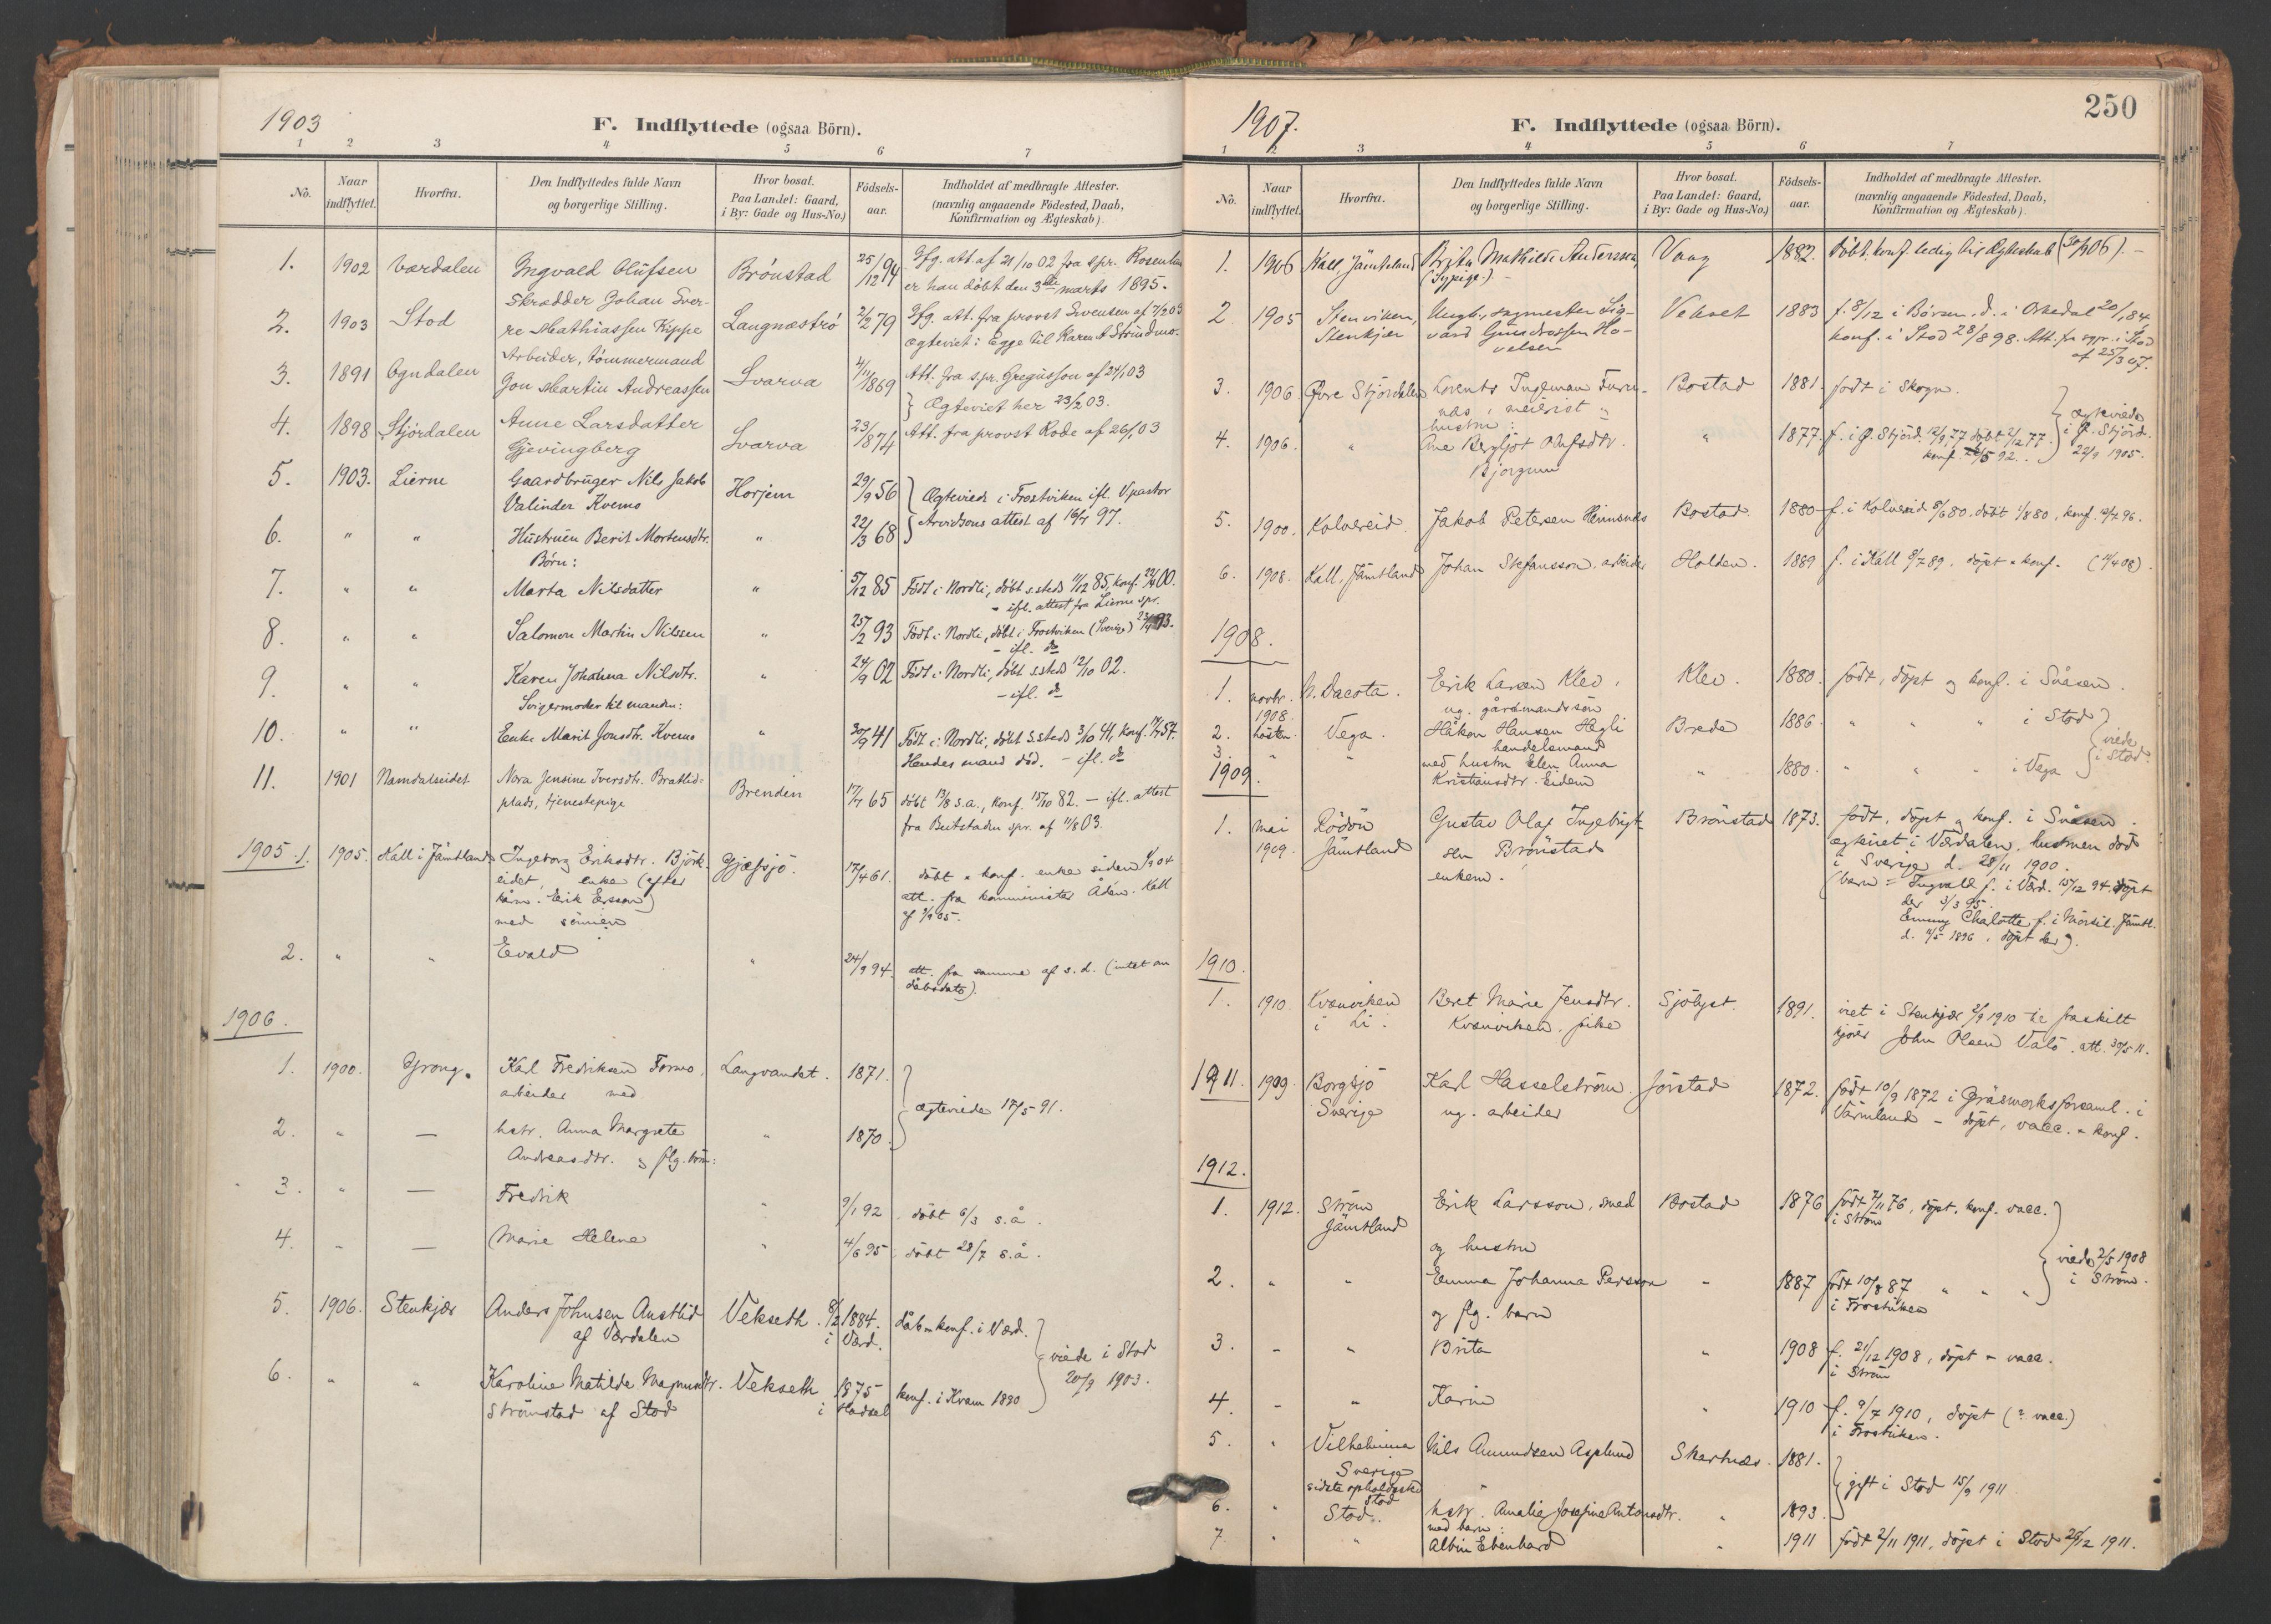 SAT, Ministerialprotokoller, klokkerbøker og fødselsregistre - Nord-Trøndelag, 749/L0477: Ministerialbok nr. 749A11, 1902-1927, s. 250